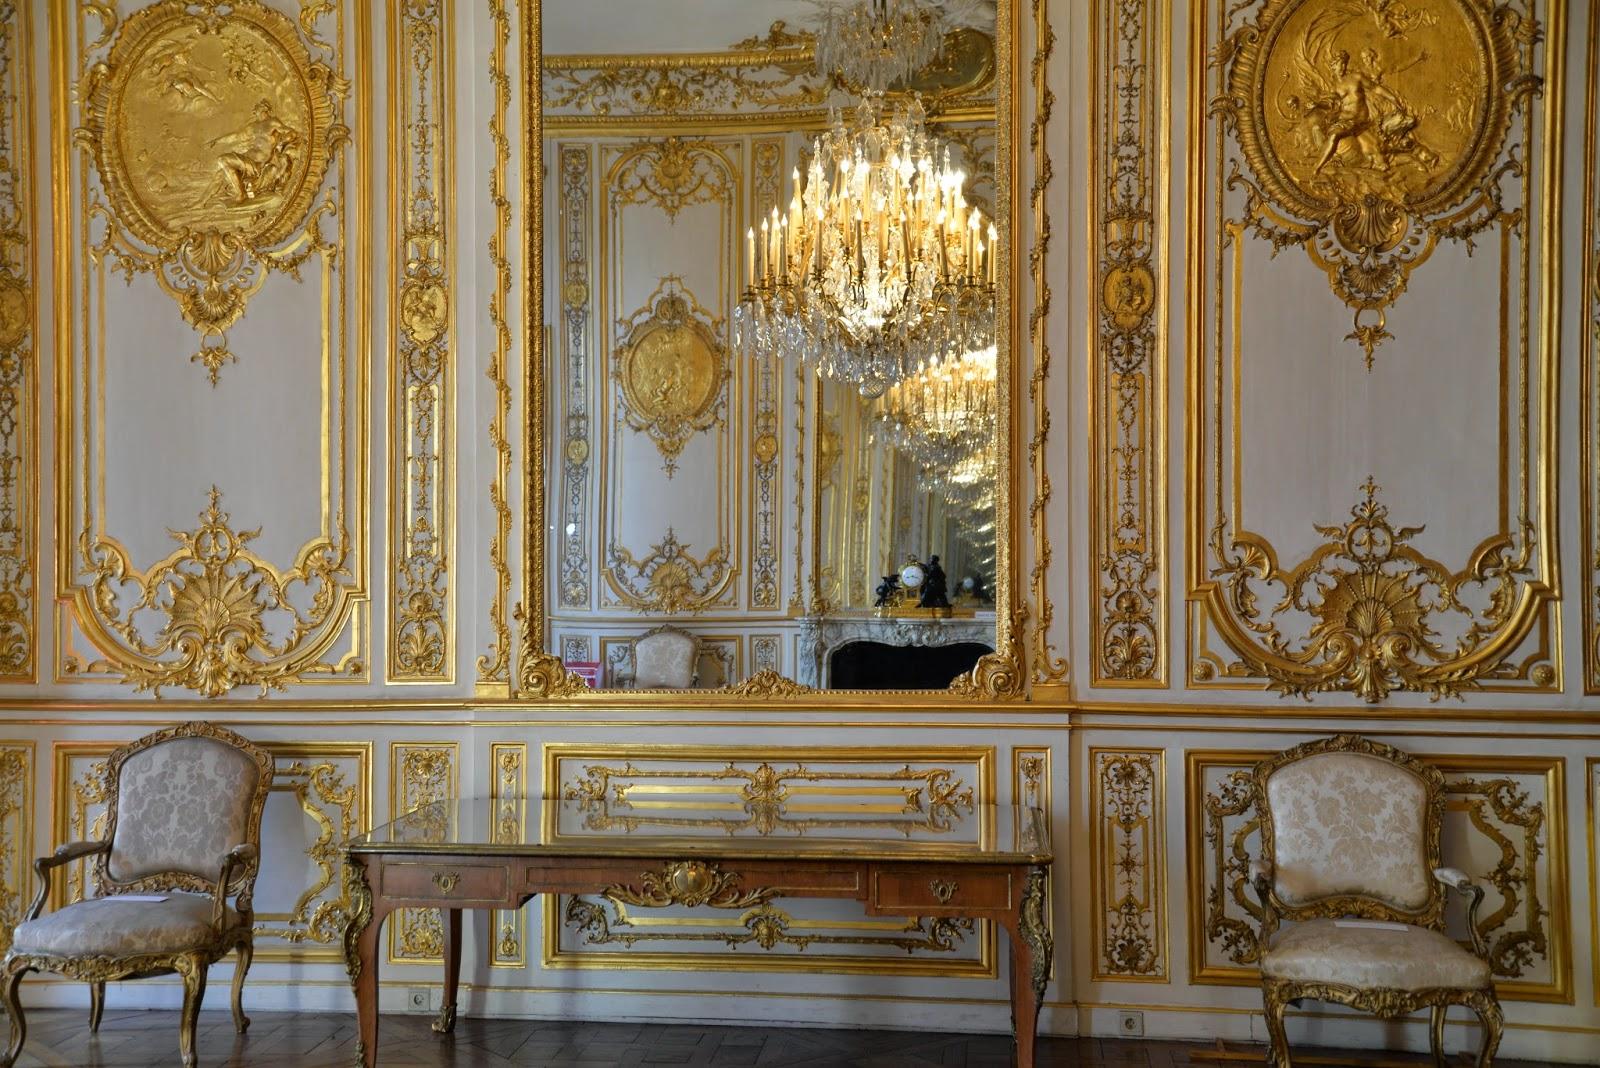 Cubo et excubo hotel de soubise paris for Hotel design paris 8